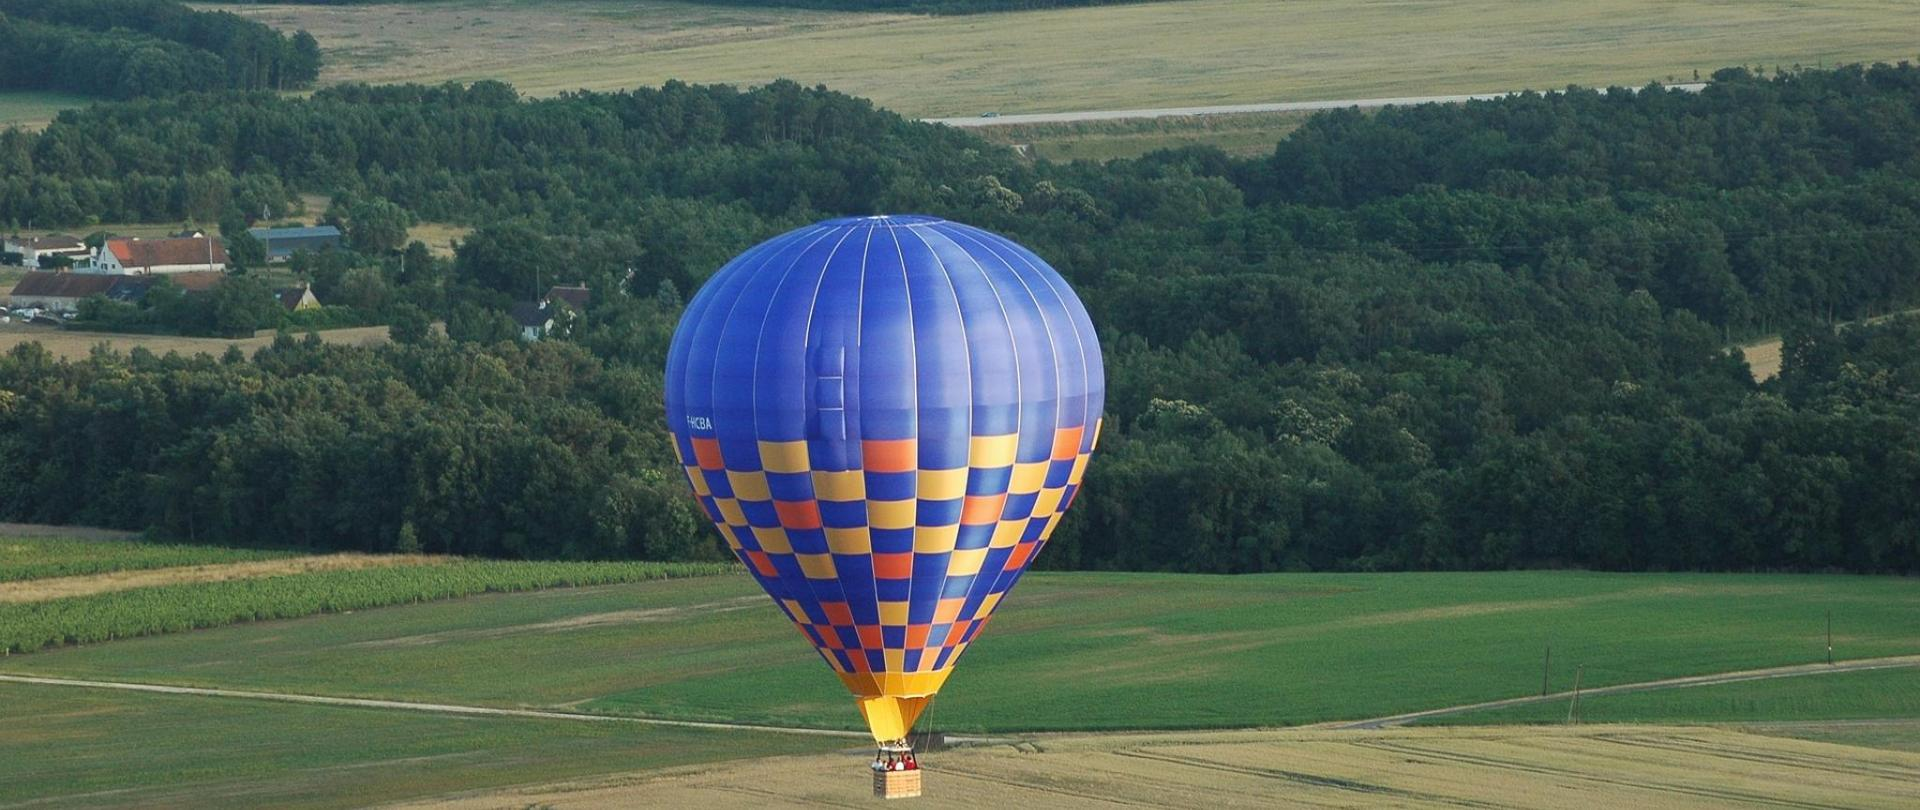 balloon-trip-3432400_1920.jpg